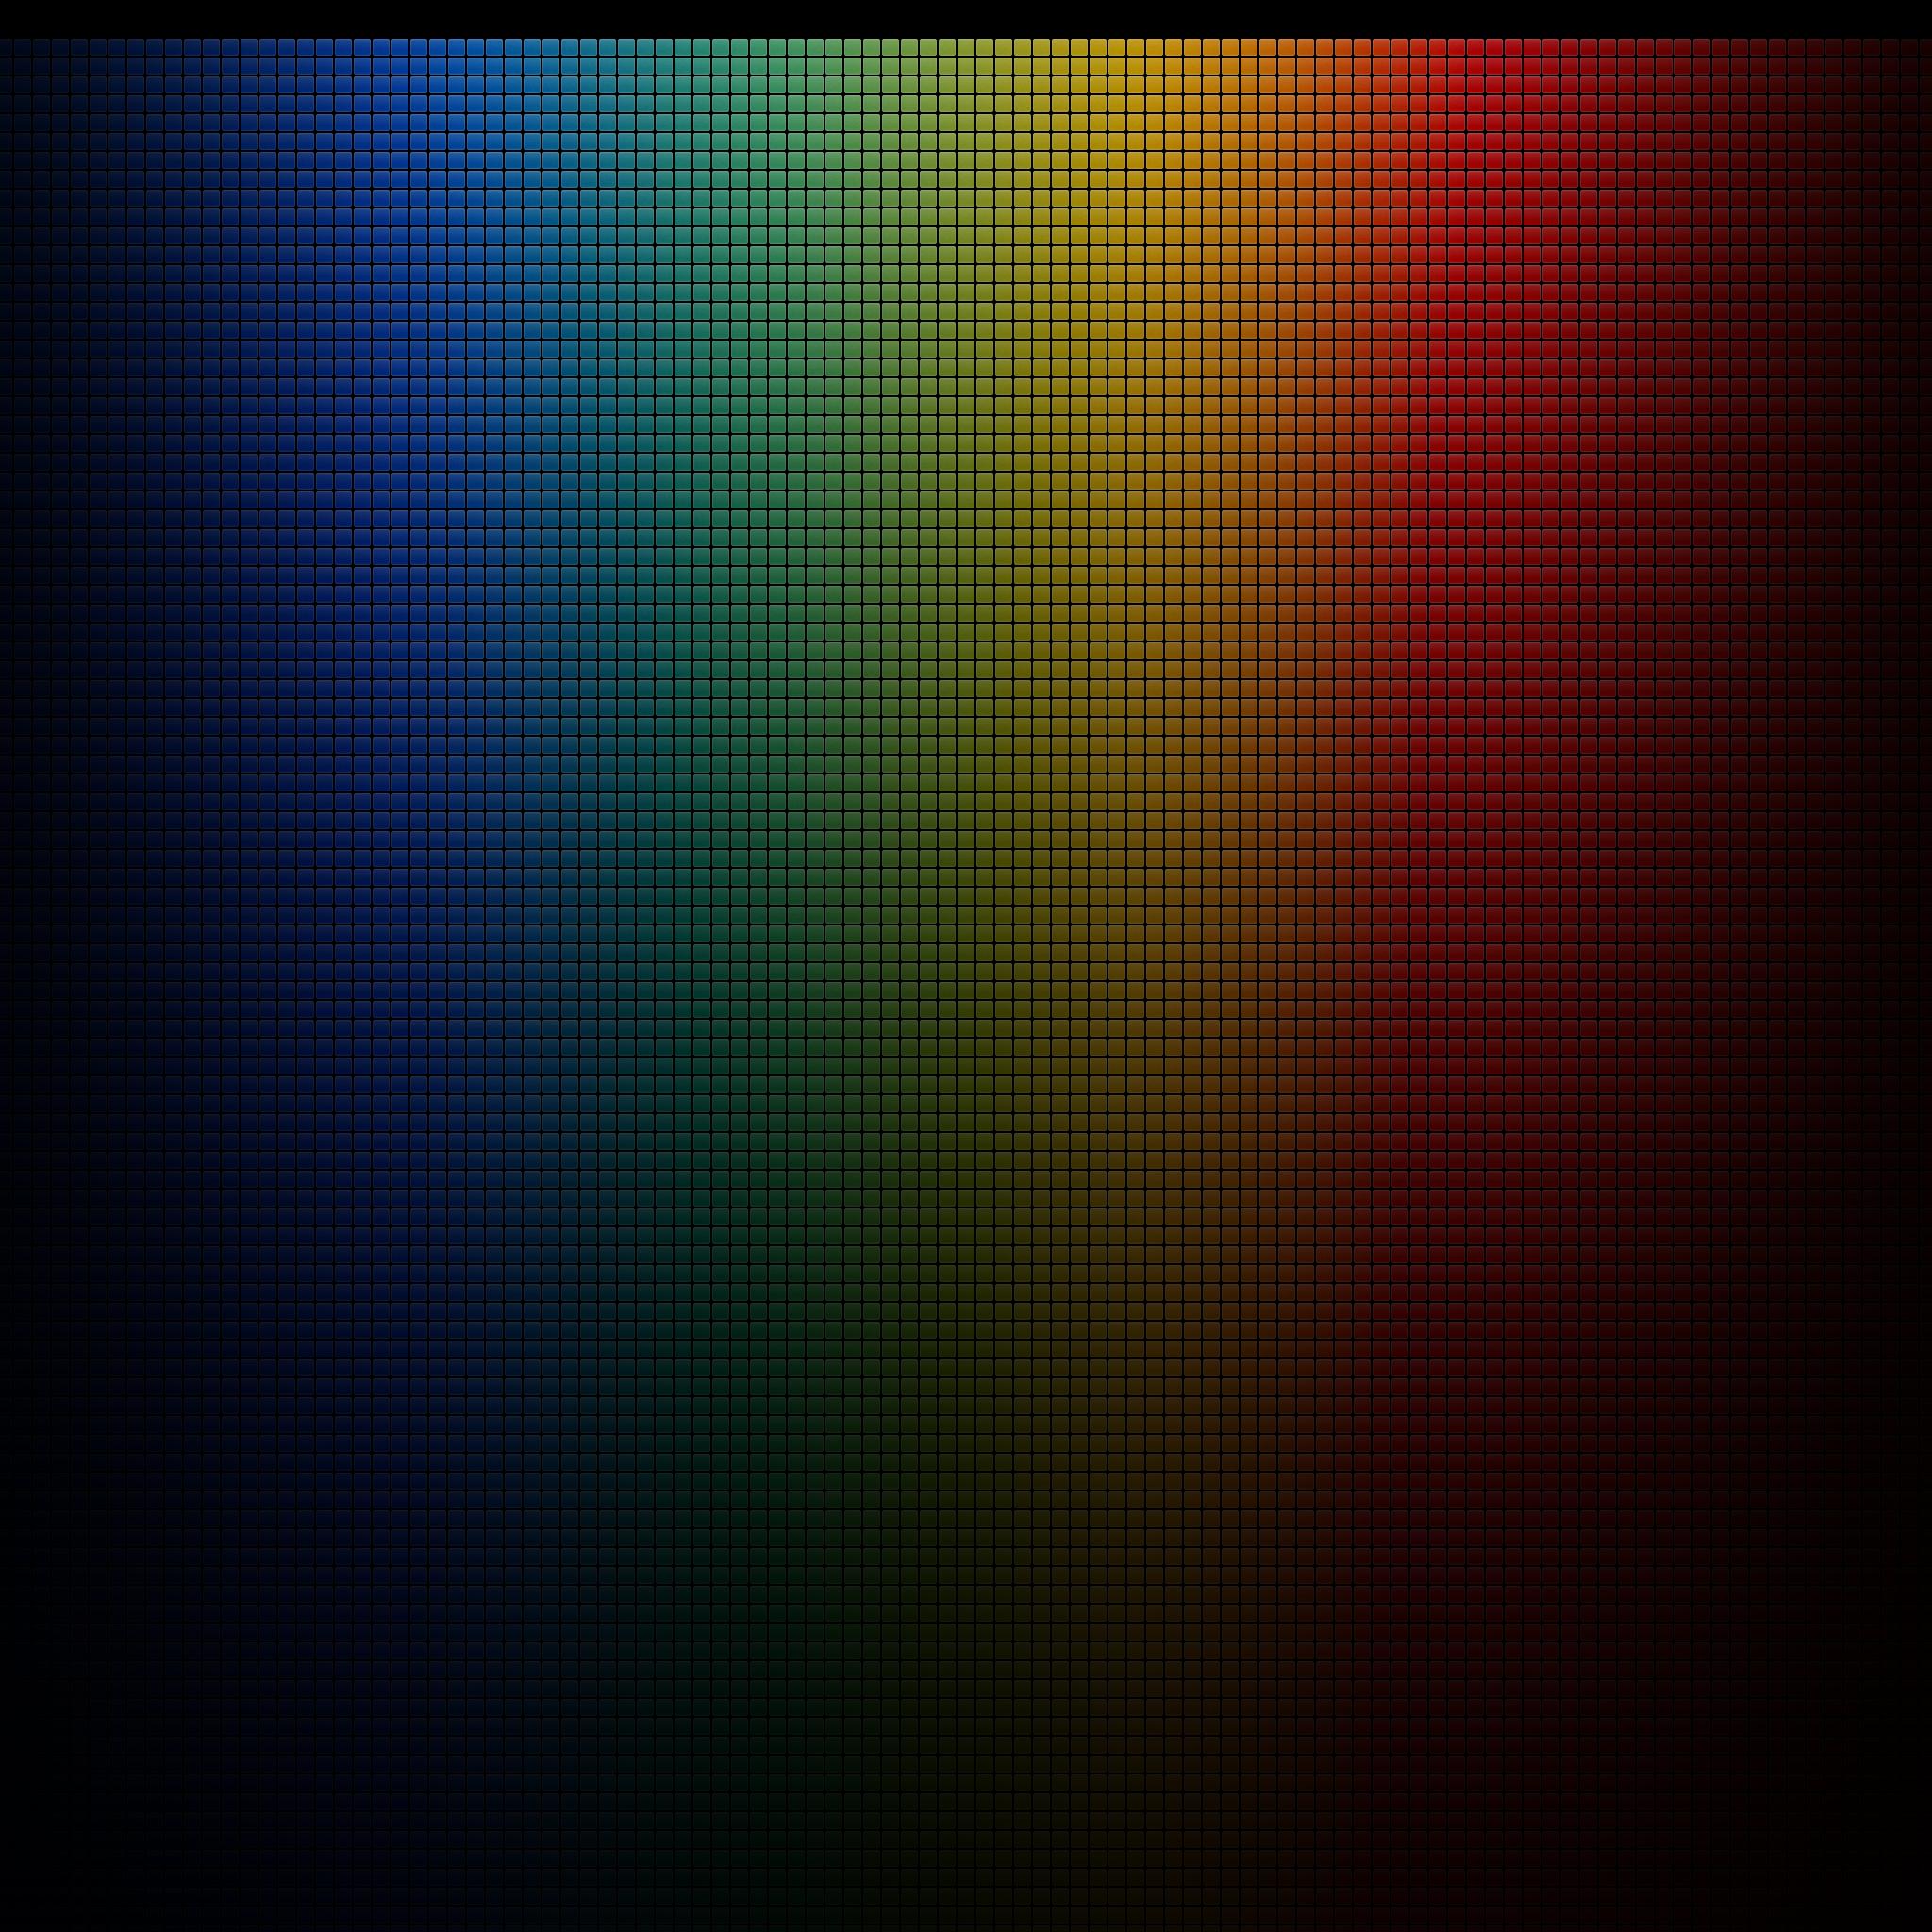 Wallpaper-retina-ipad